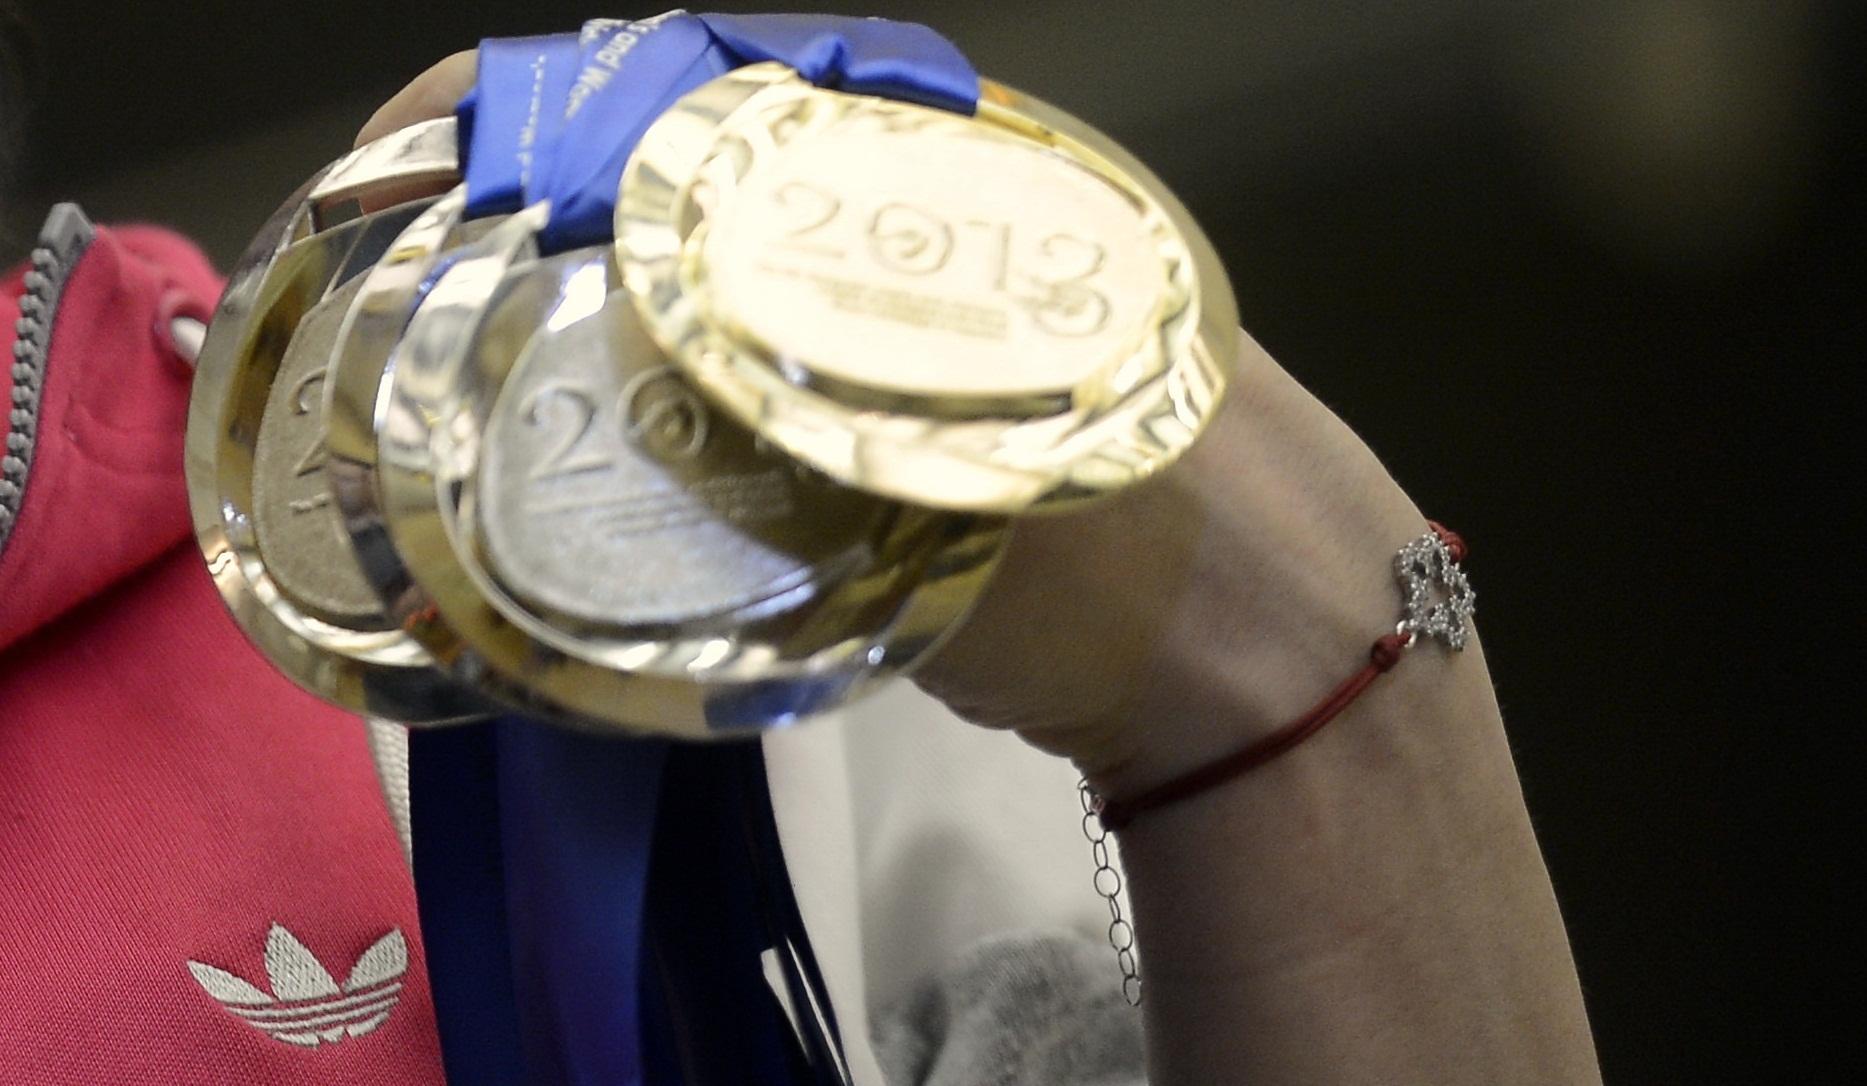 Jocurile Europene Baku 2015: Romania obtine o noua medalie de argint, la gimnastica aerobica